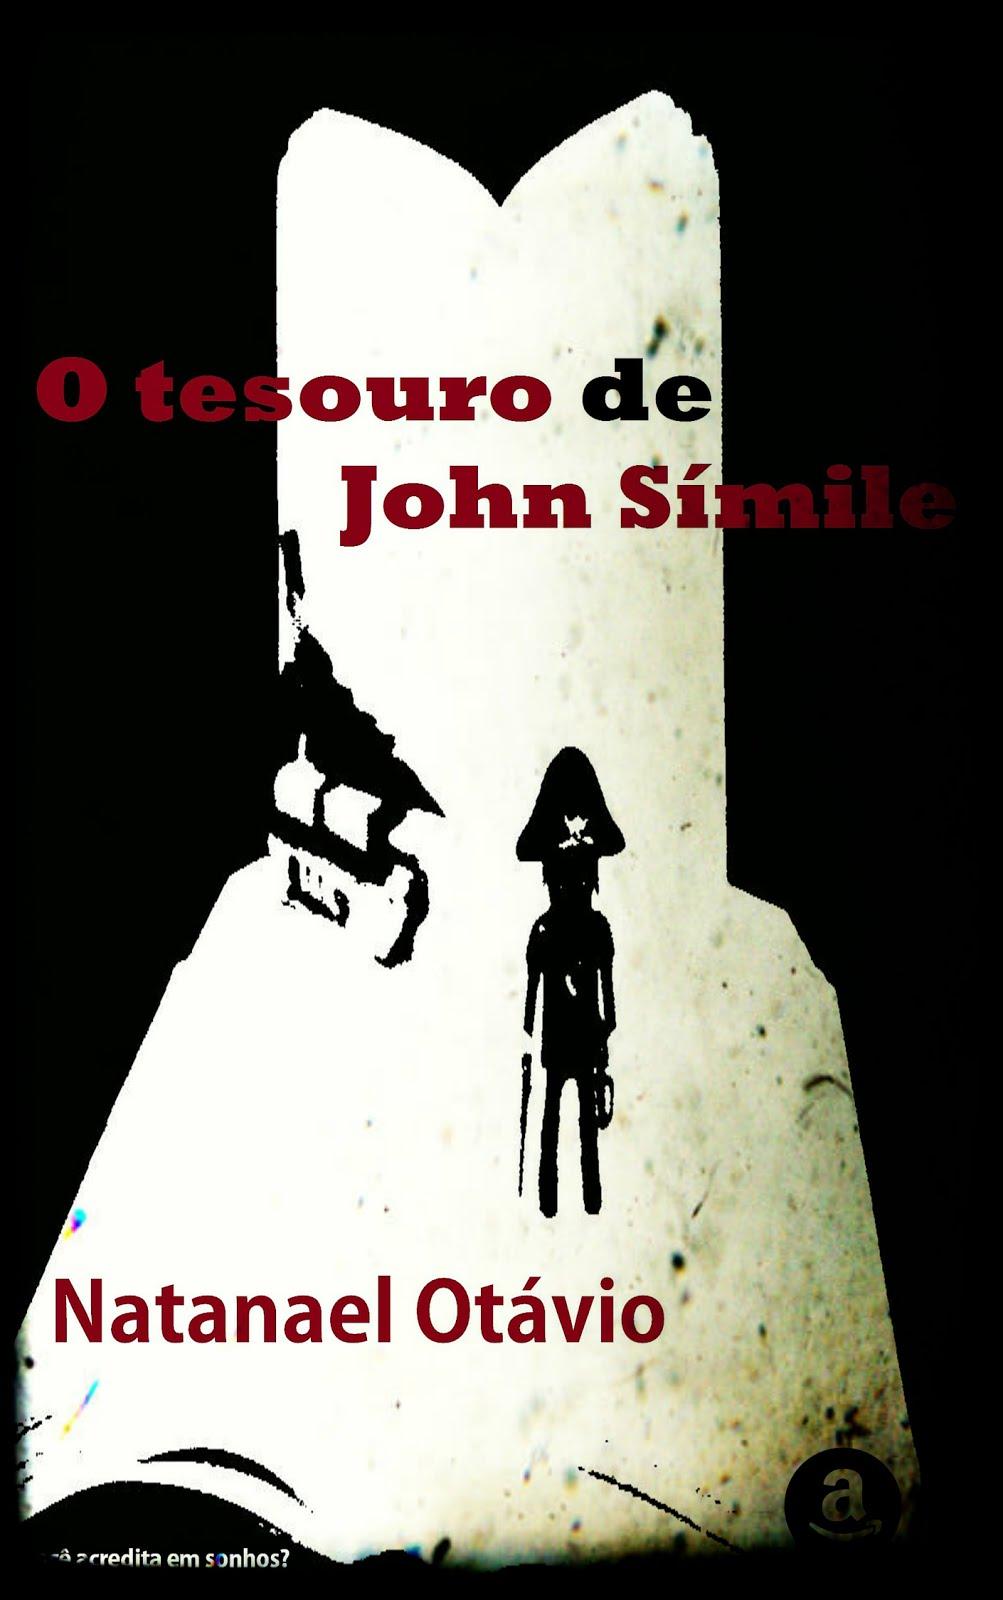 O tesouro de John Símile